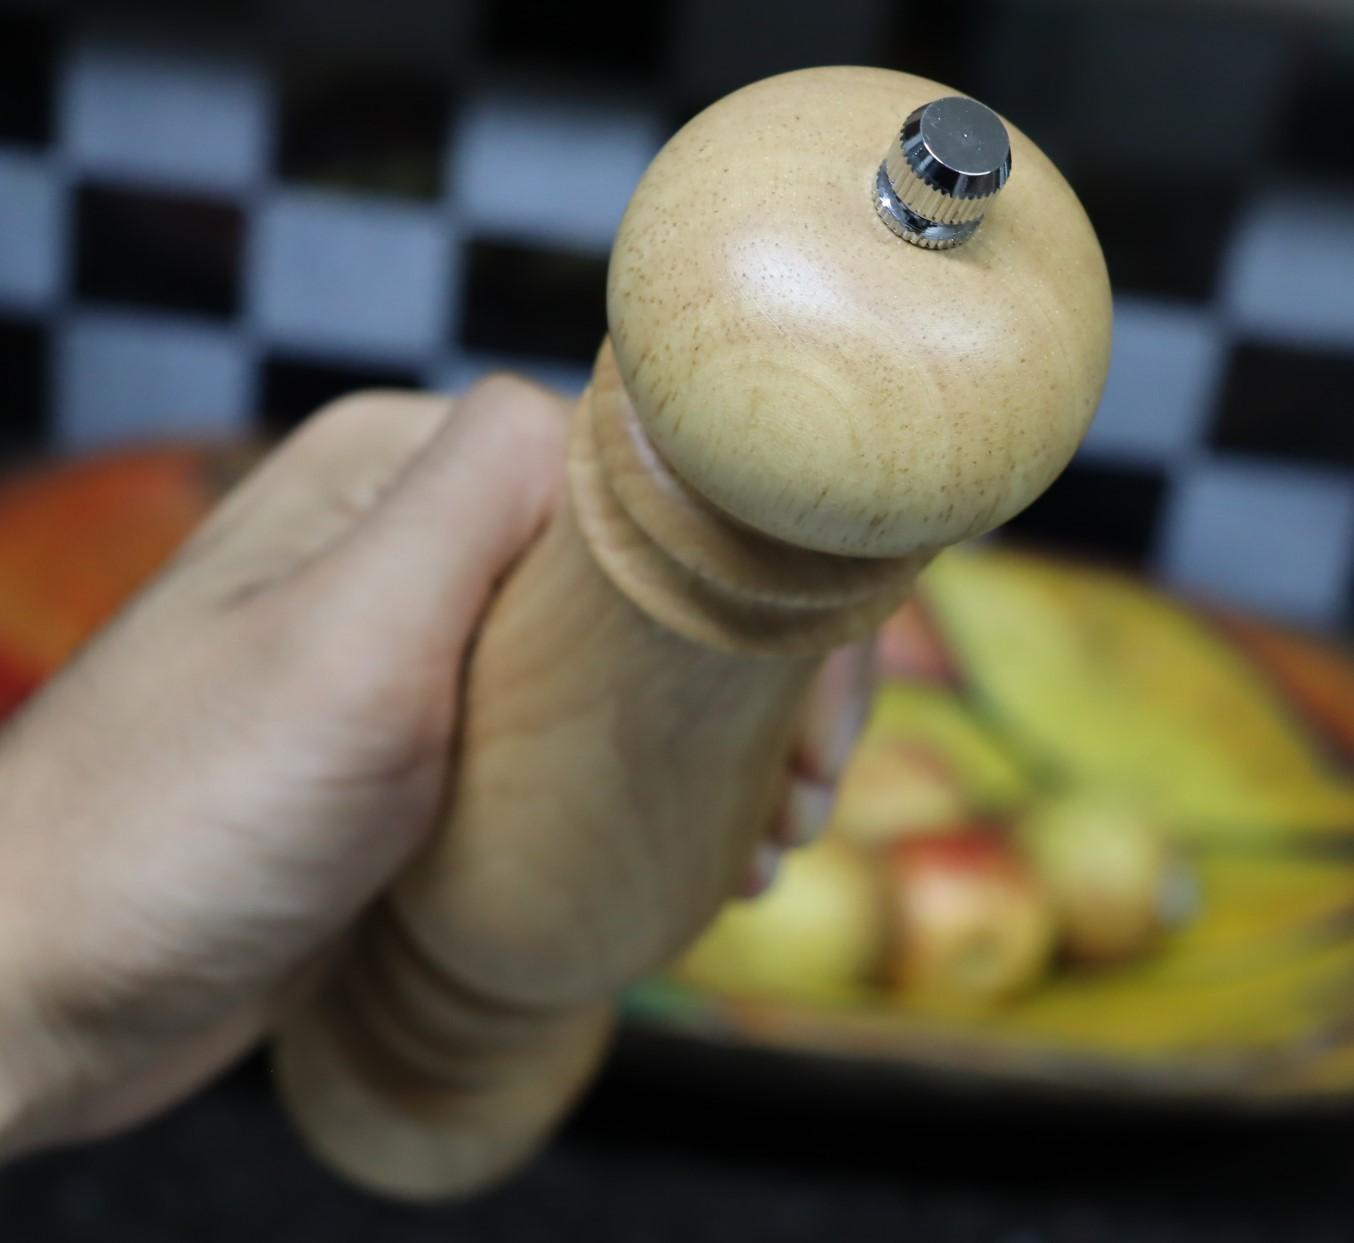 moedor de pimenta cozinha temperos sal grosso de madeira 20cm MimoStyle triturador de sal especiarias